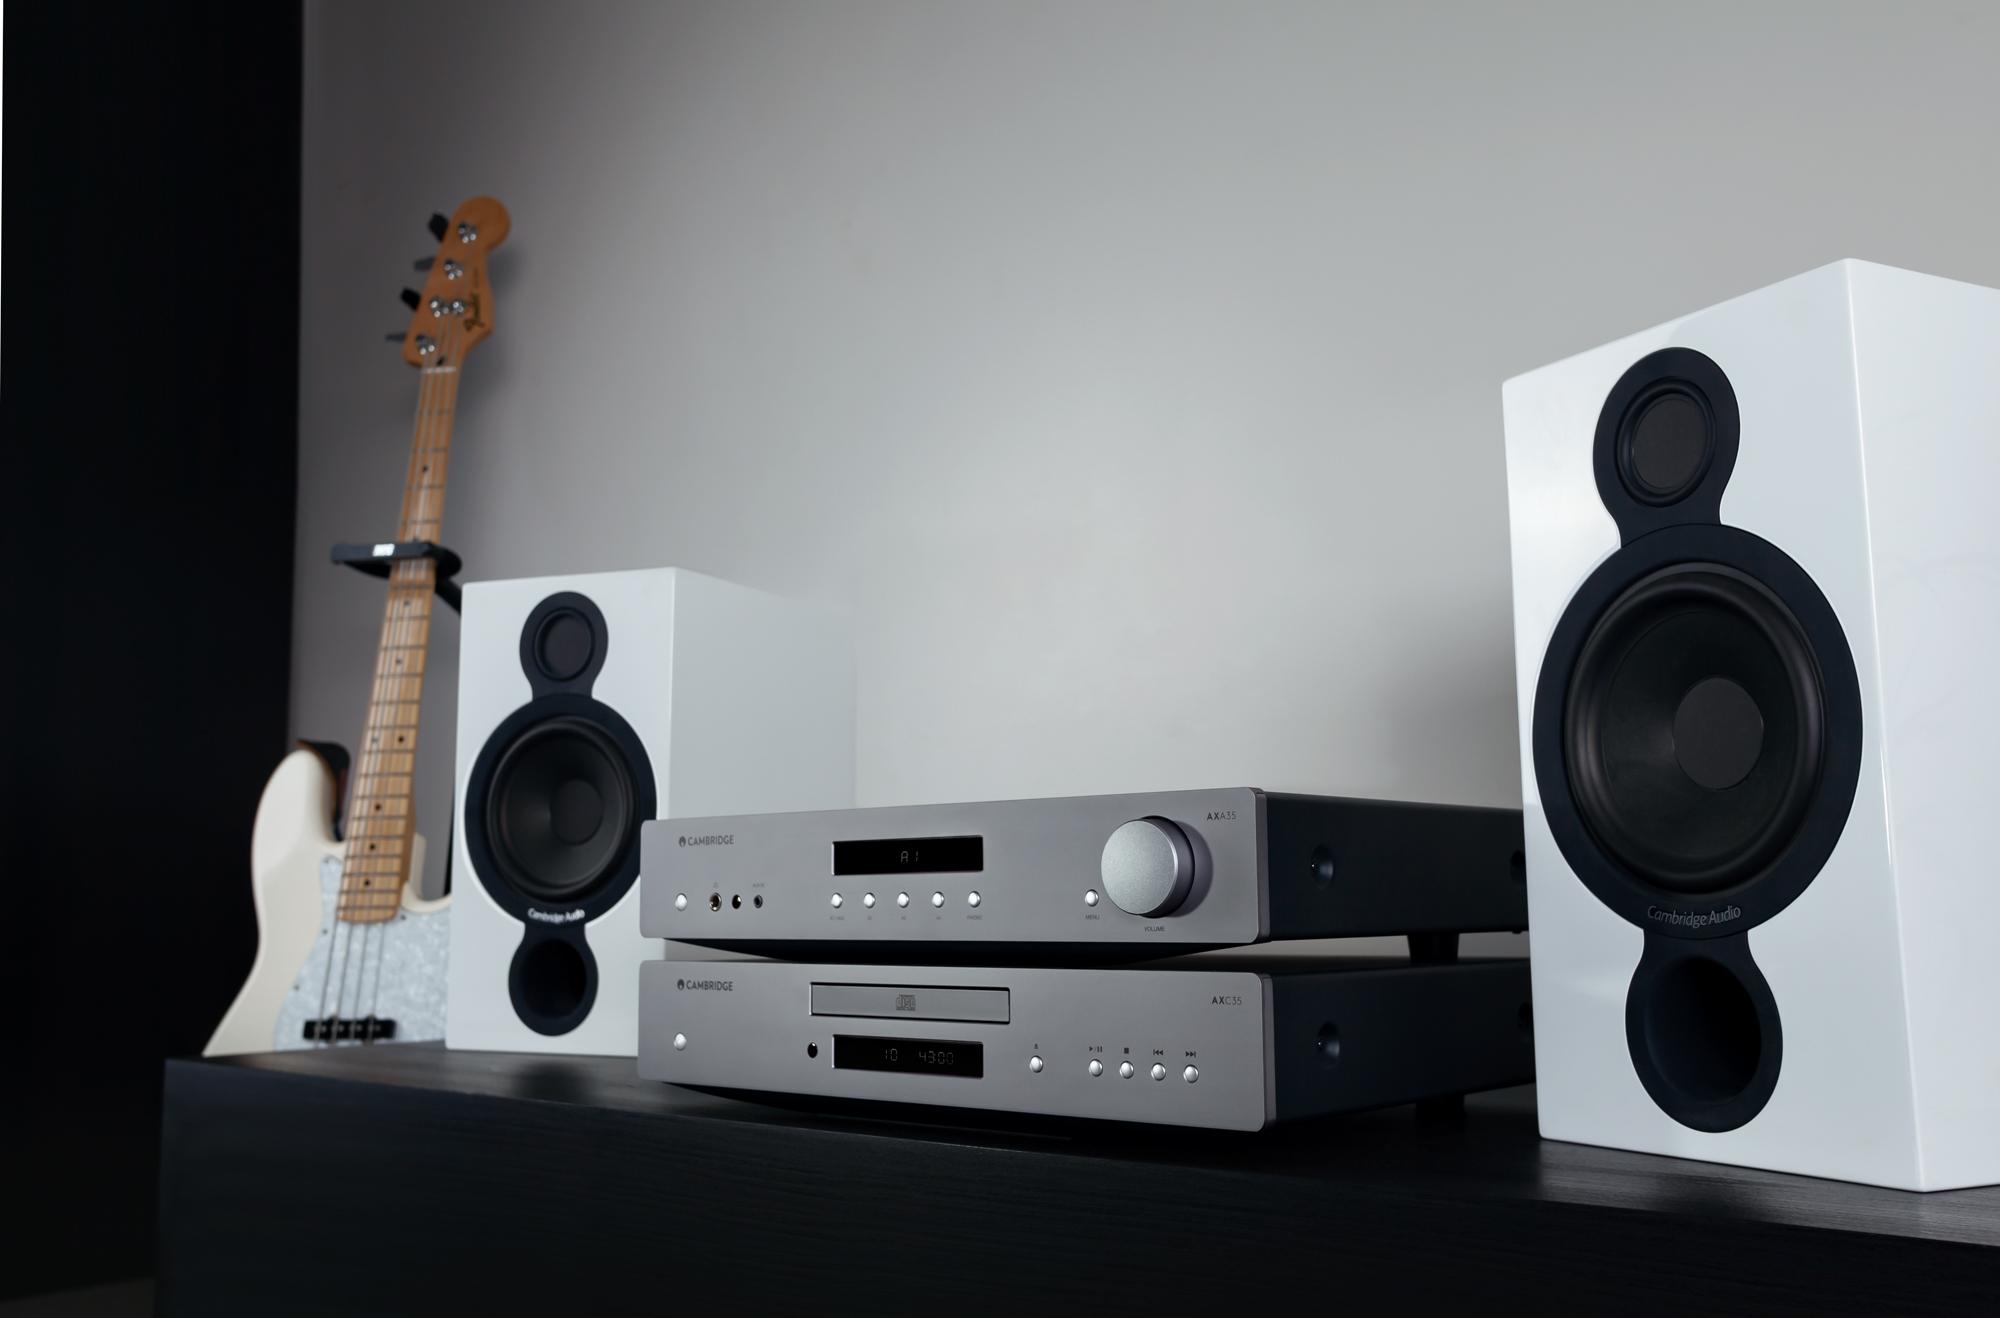 Cambridge Audio ra mắt dòng sản phẩm mới AX Series gồm đầu CD ...